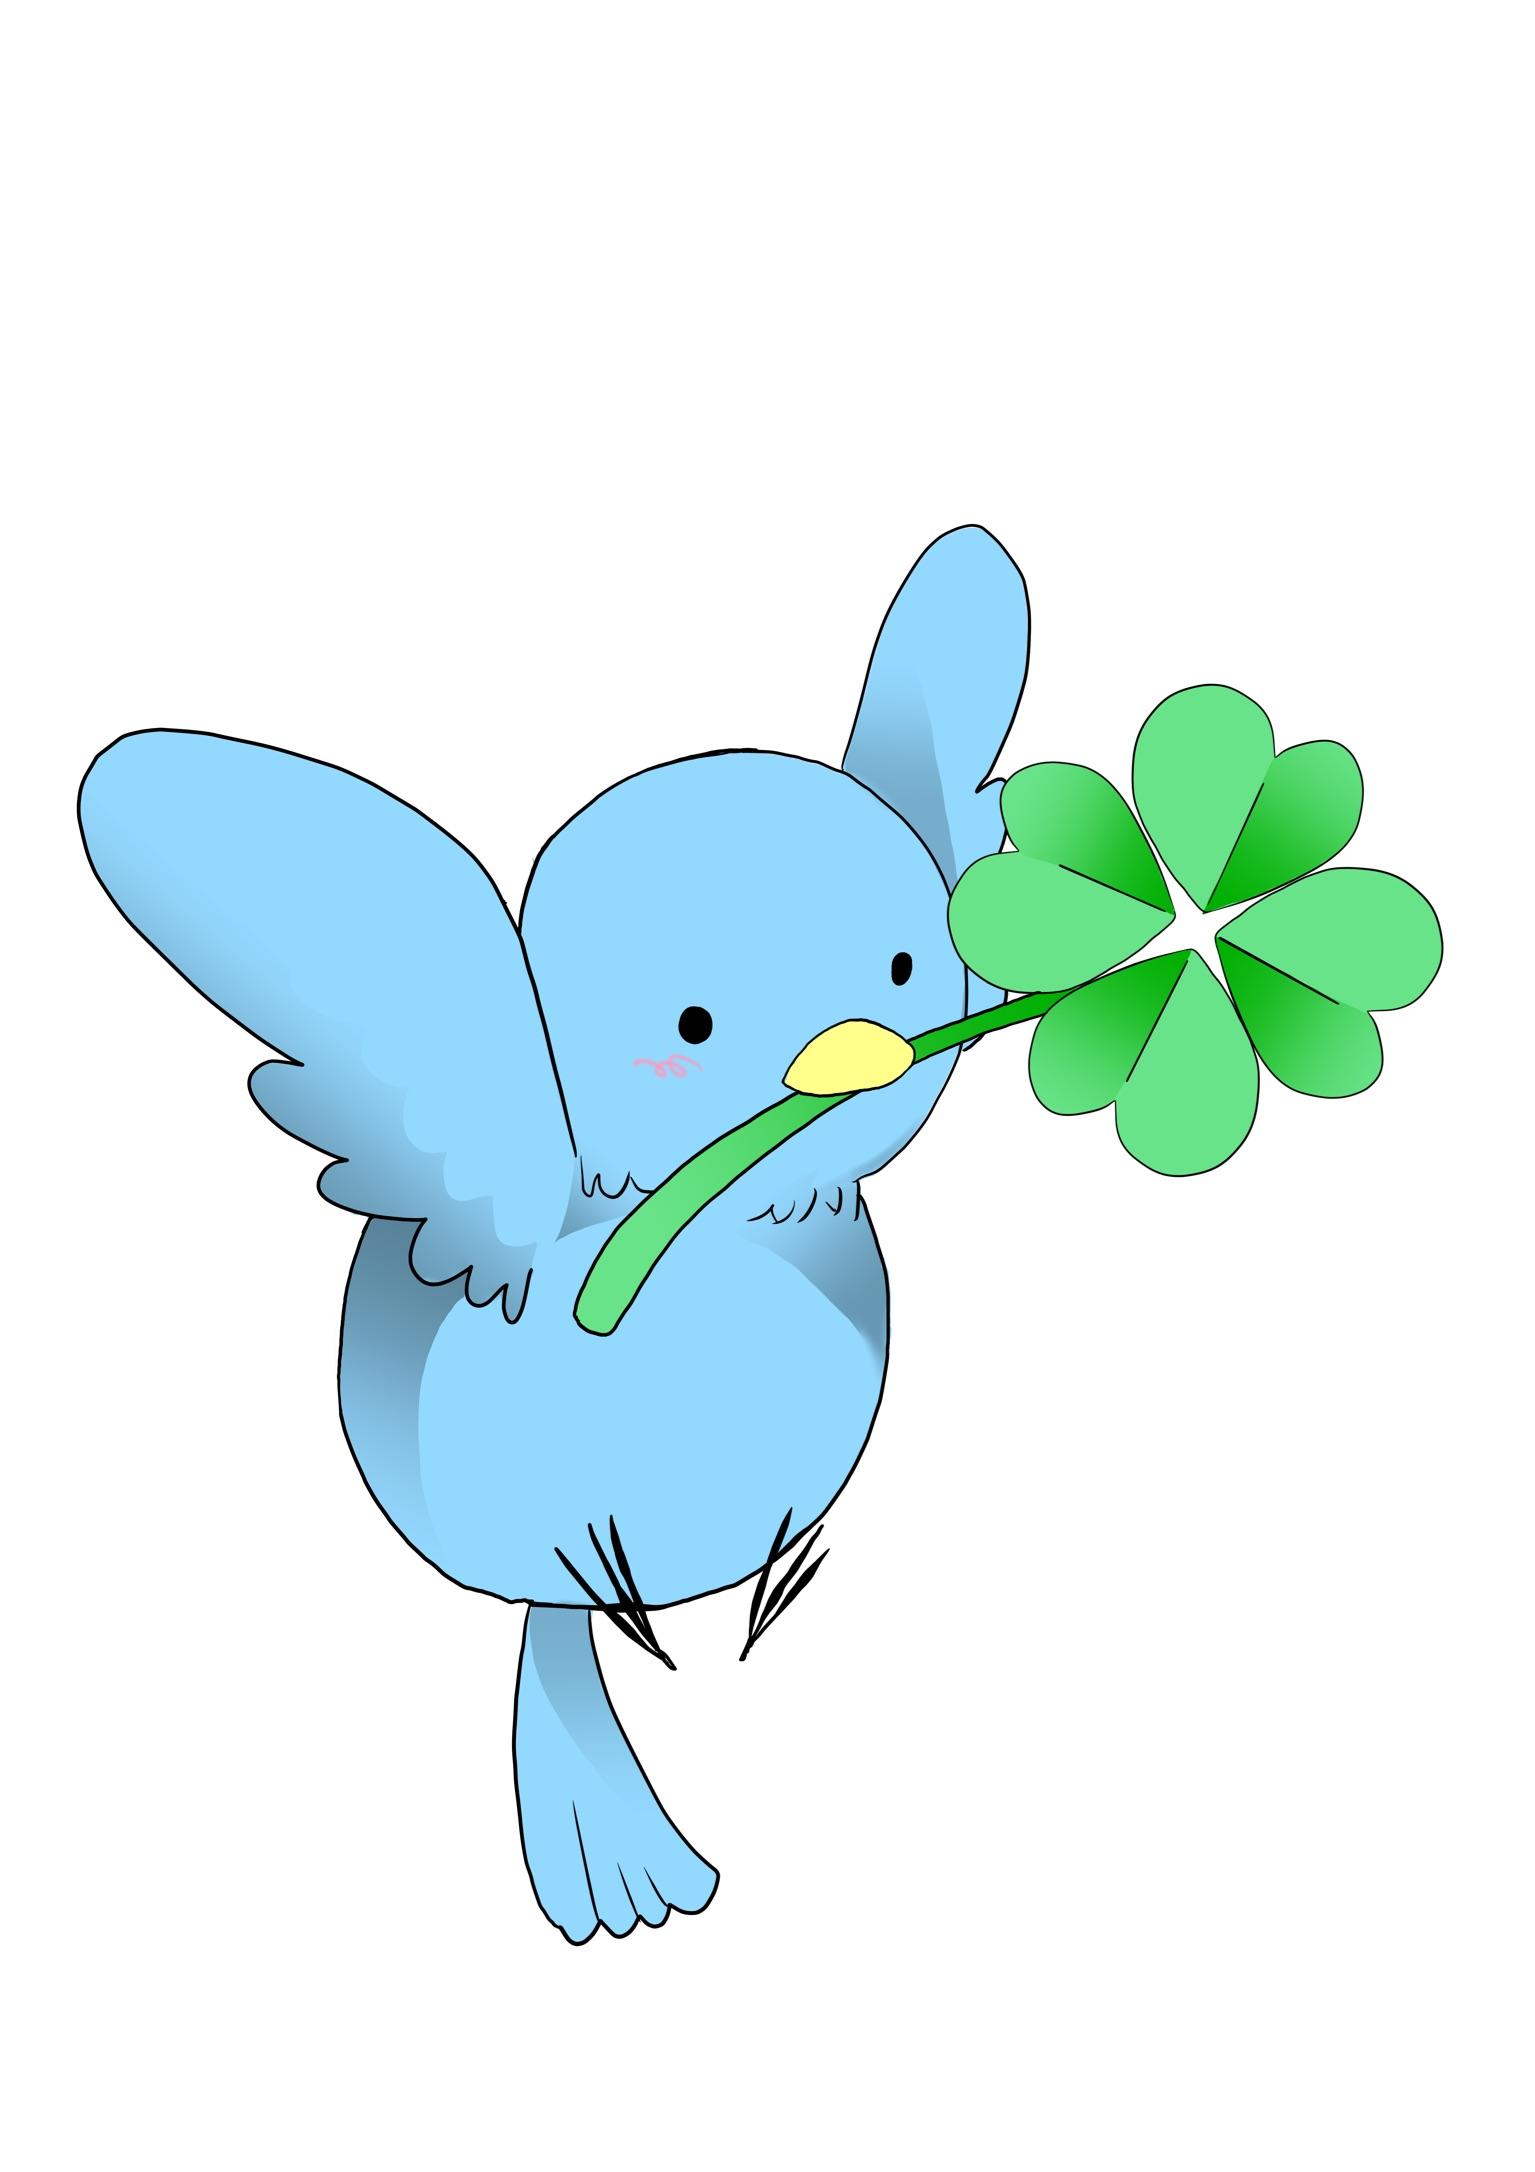 【婚活漫画】青い鳥の助言